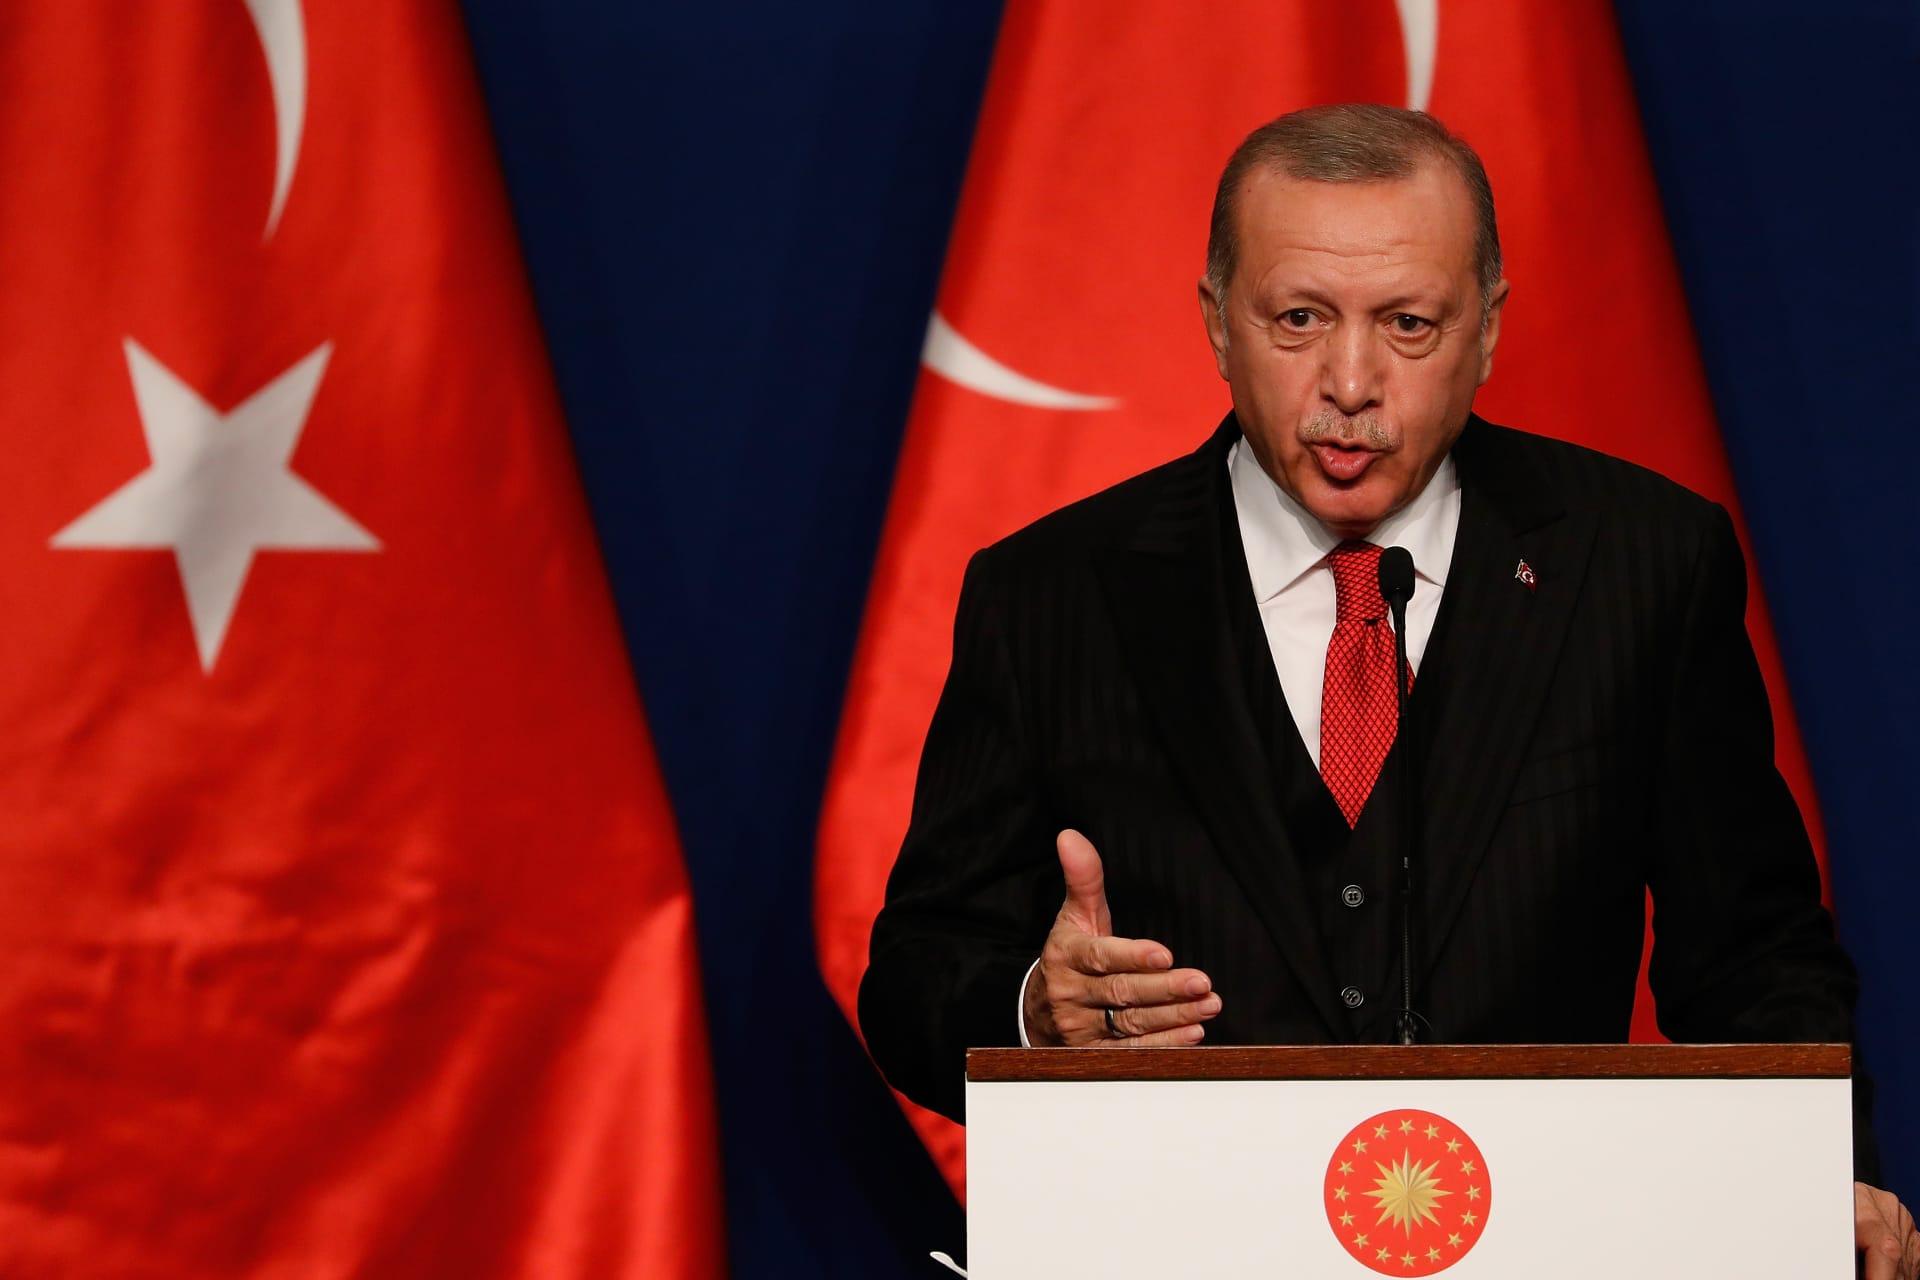 تركيا تُعجِل بانعقاد البرلمان للتصديق على إرسال جنود إلى ليبيا.. ونائب مصري: مطلوب قمة عربية عاجلة